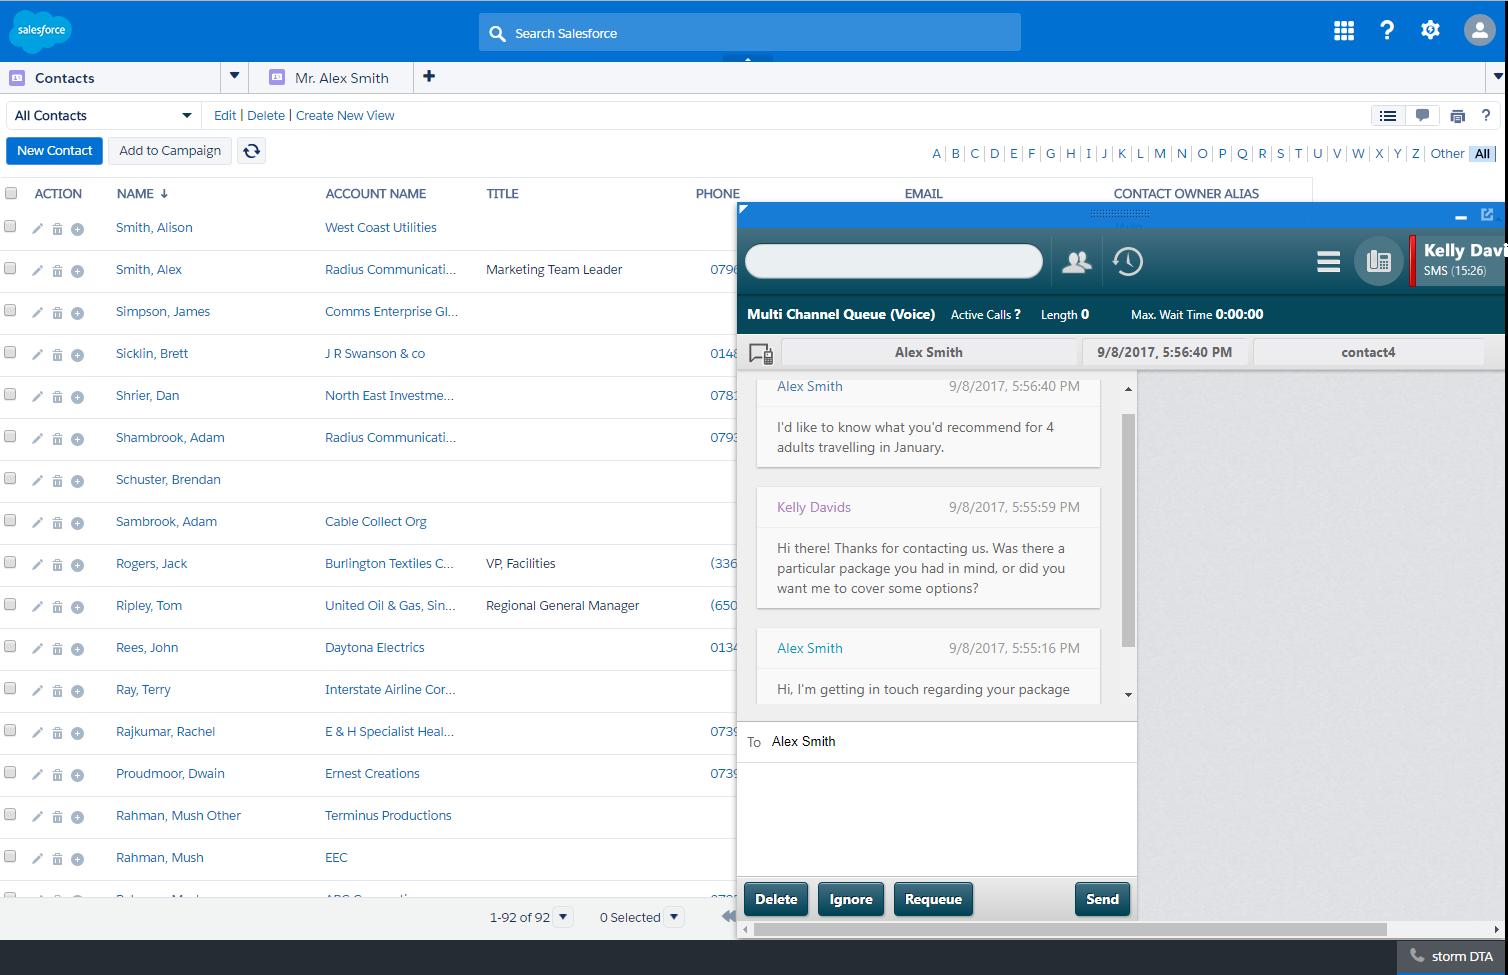 storm Software - Salesforce Integration